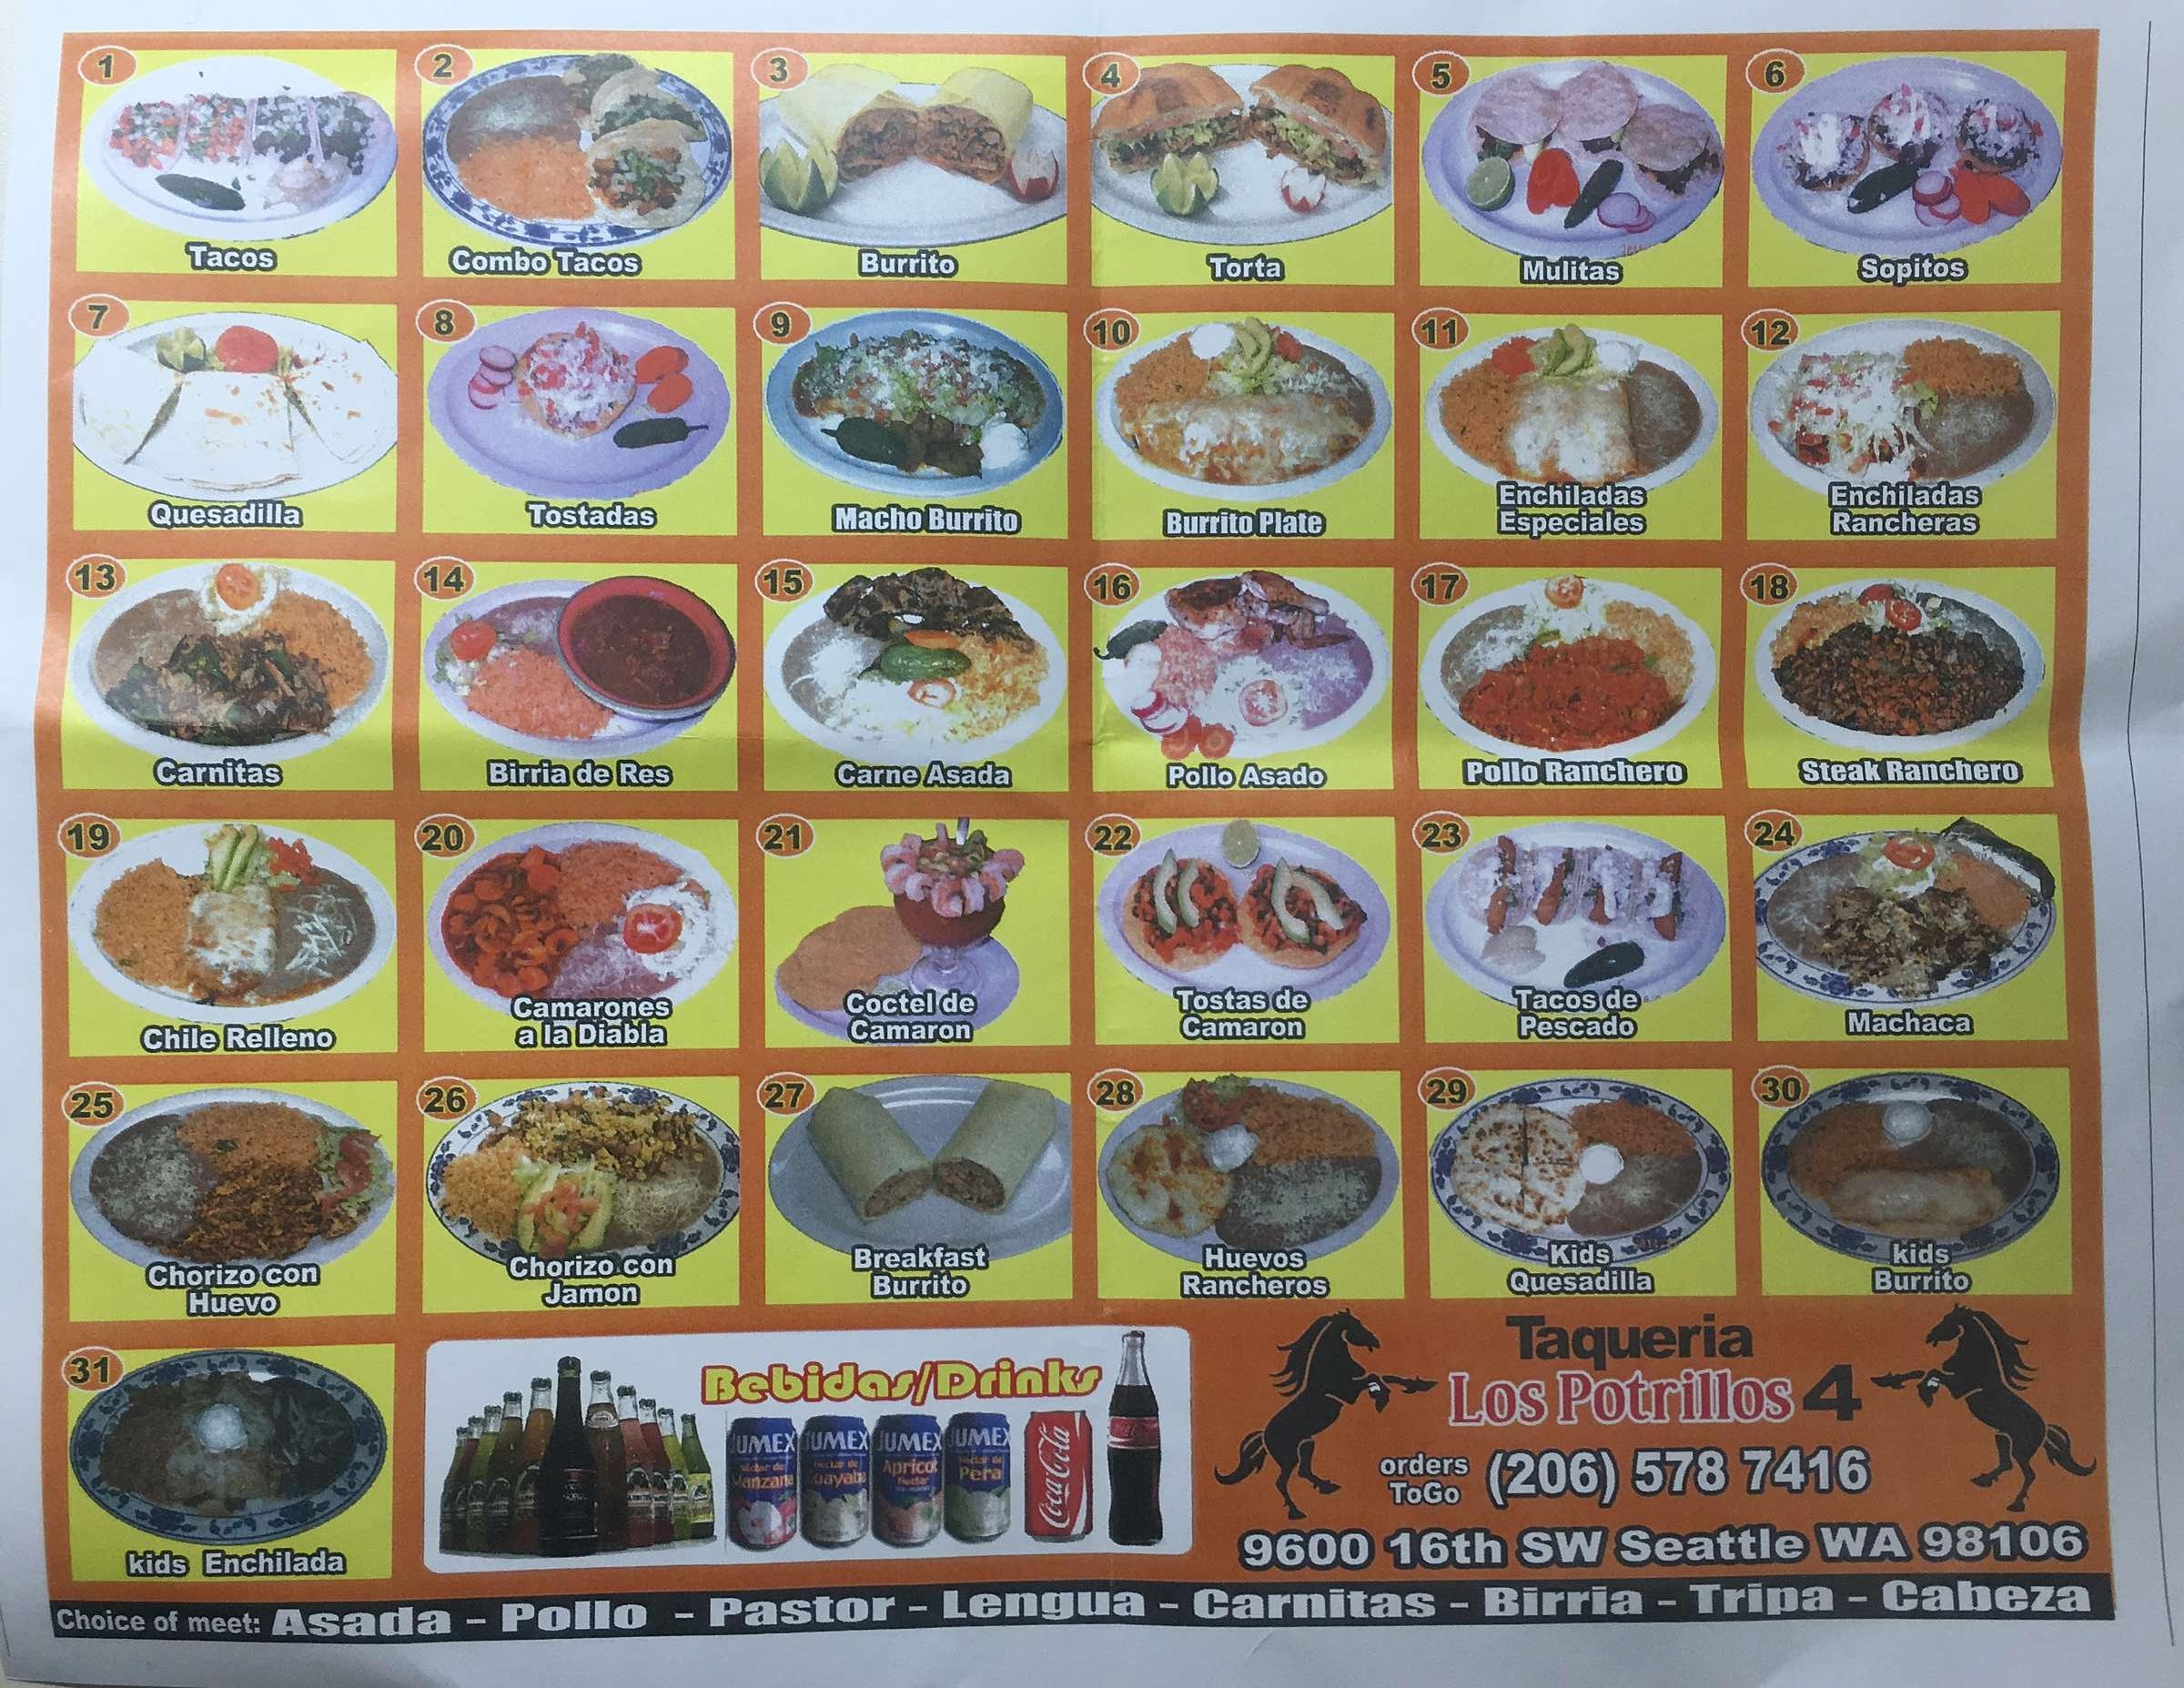 The menu at Taqueria Los Patrillos.